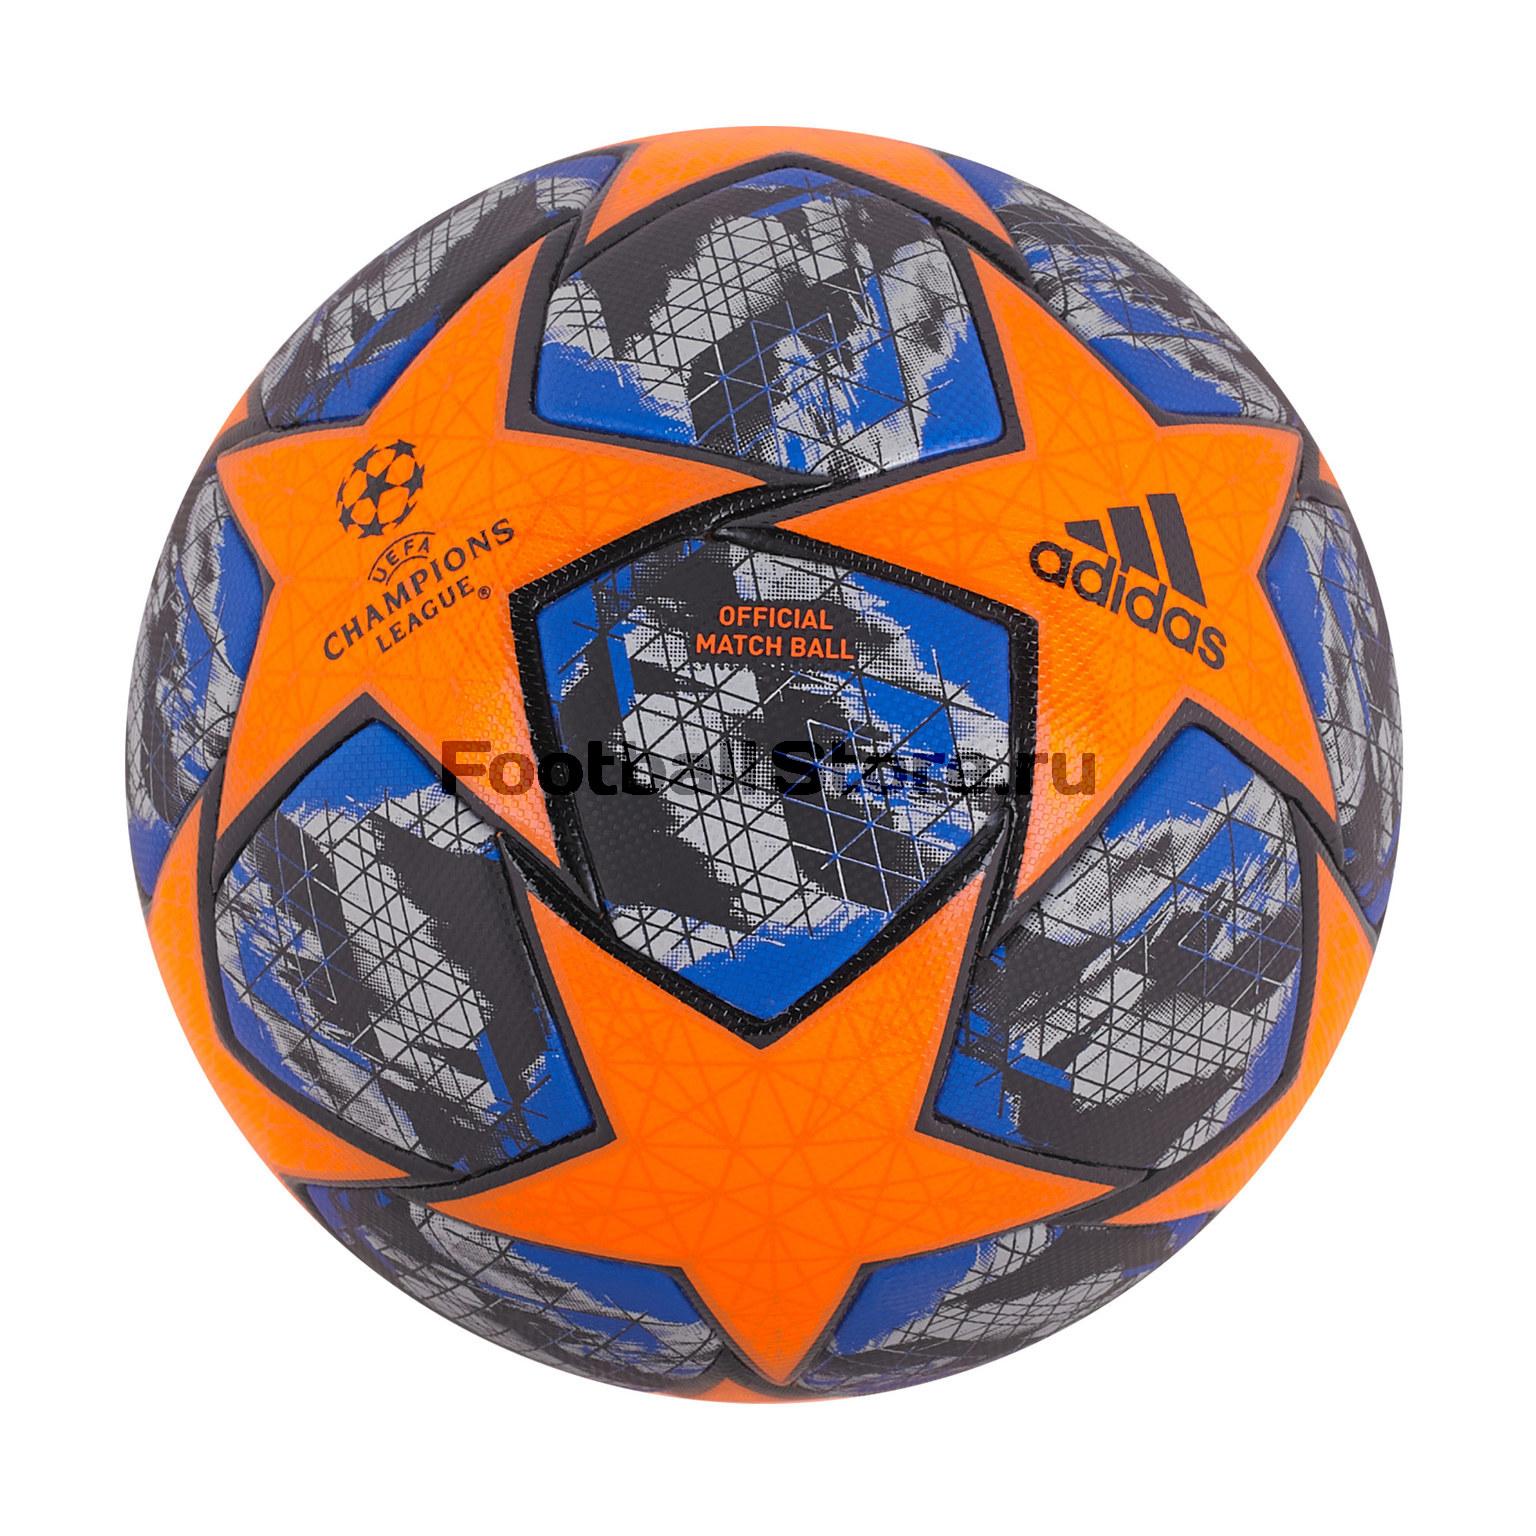 Официальный футбольный мяч Лиги Чемпионов 2019/20 DY2561 финал лиги чемпионов 2018 парковочный пропуск